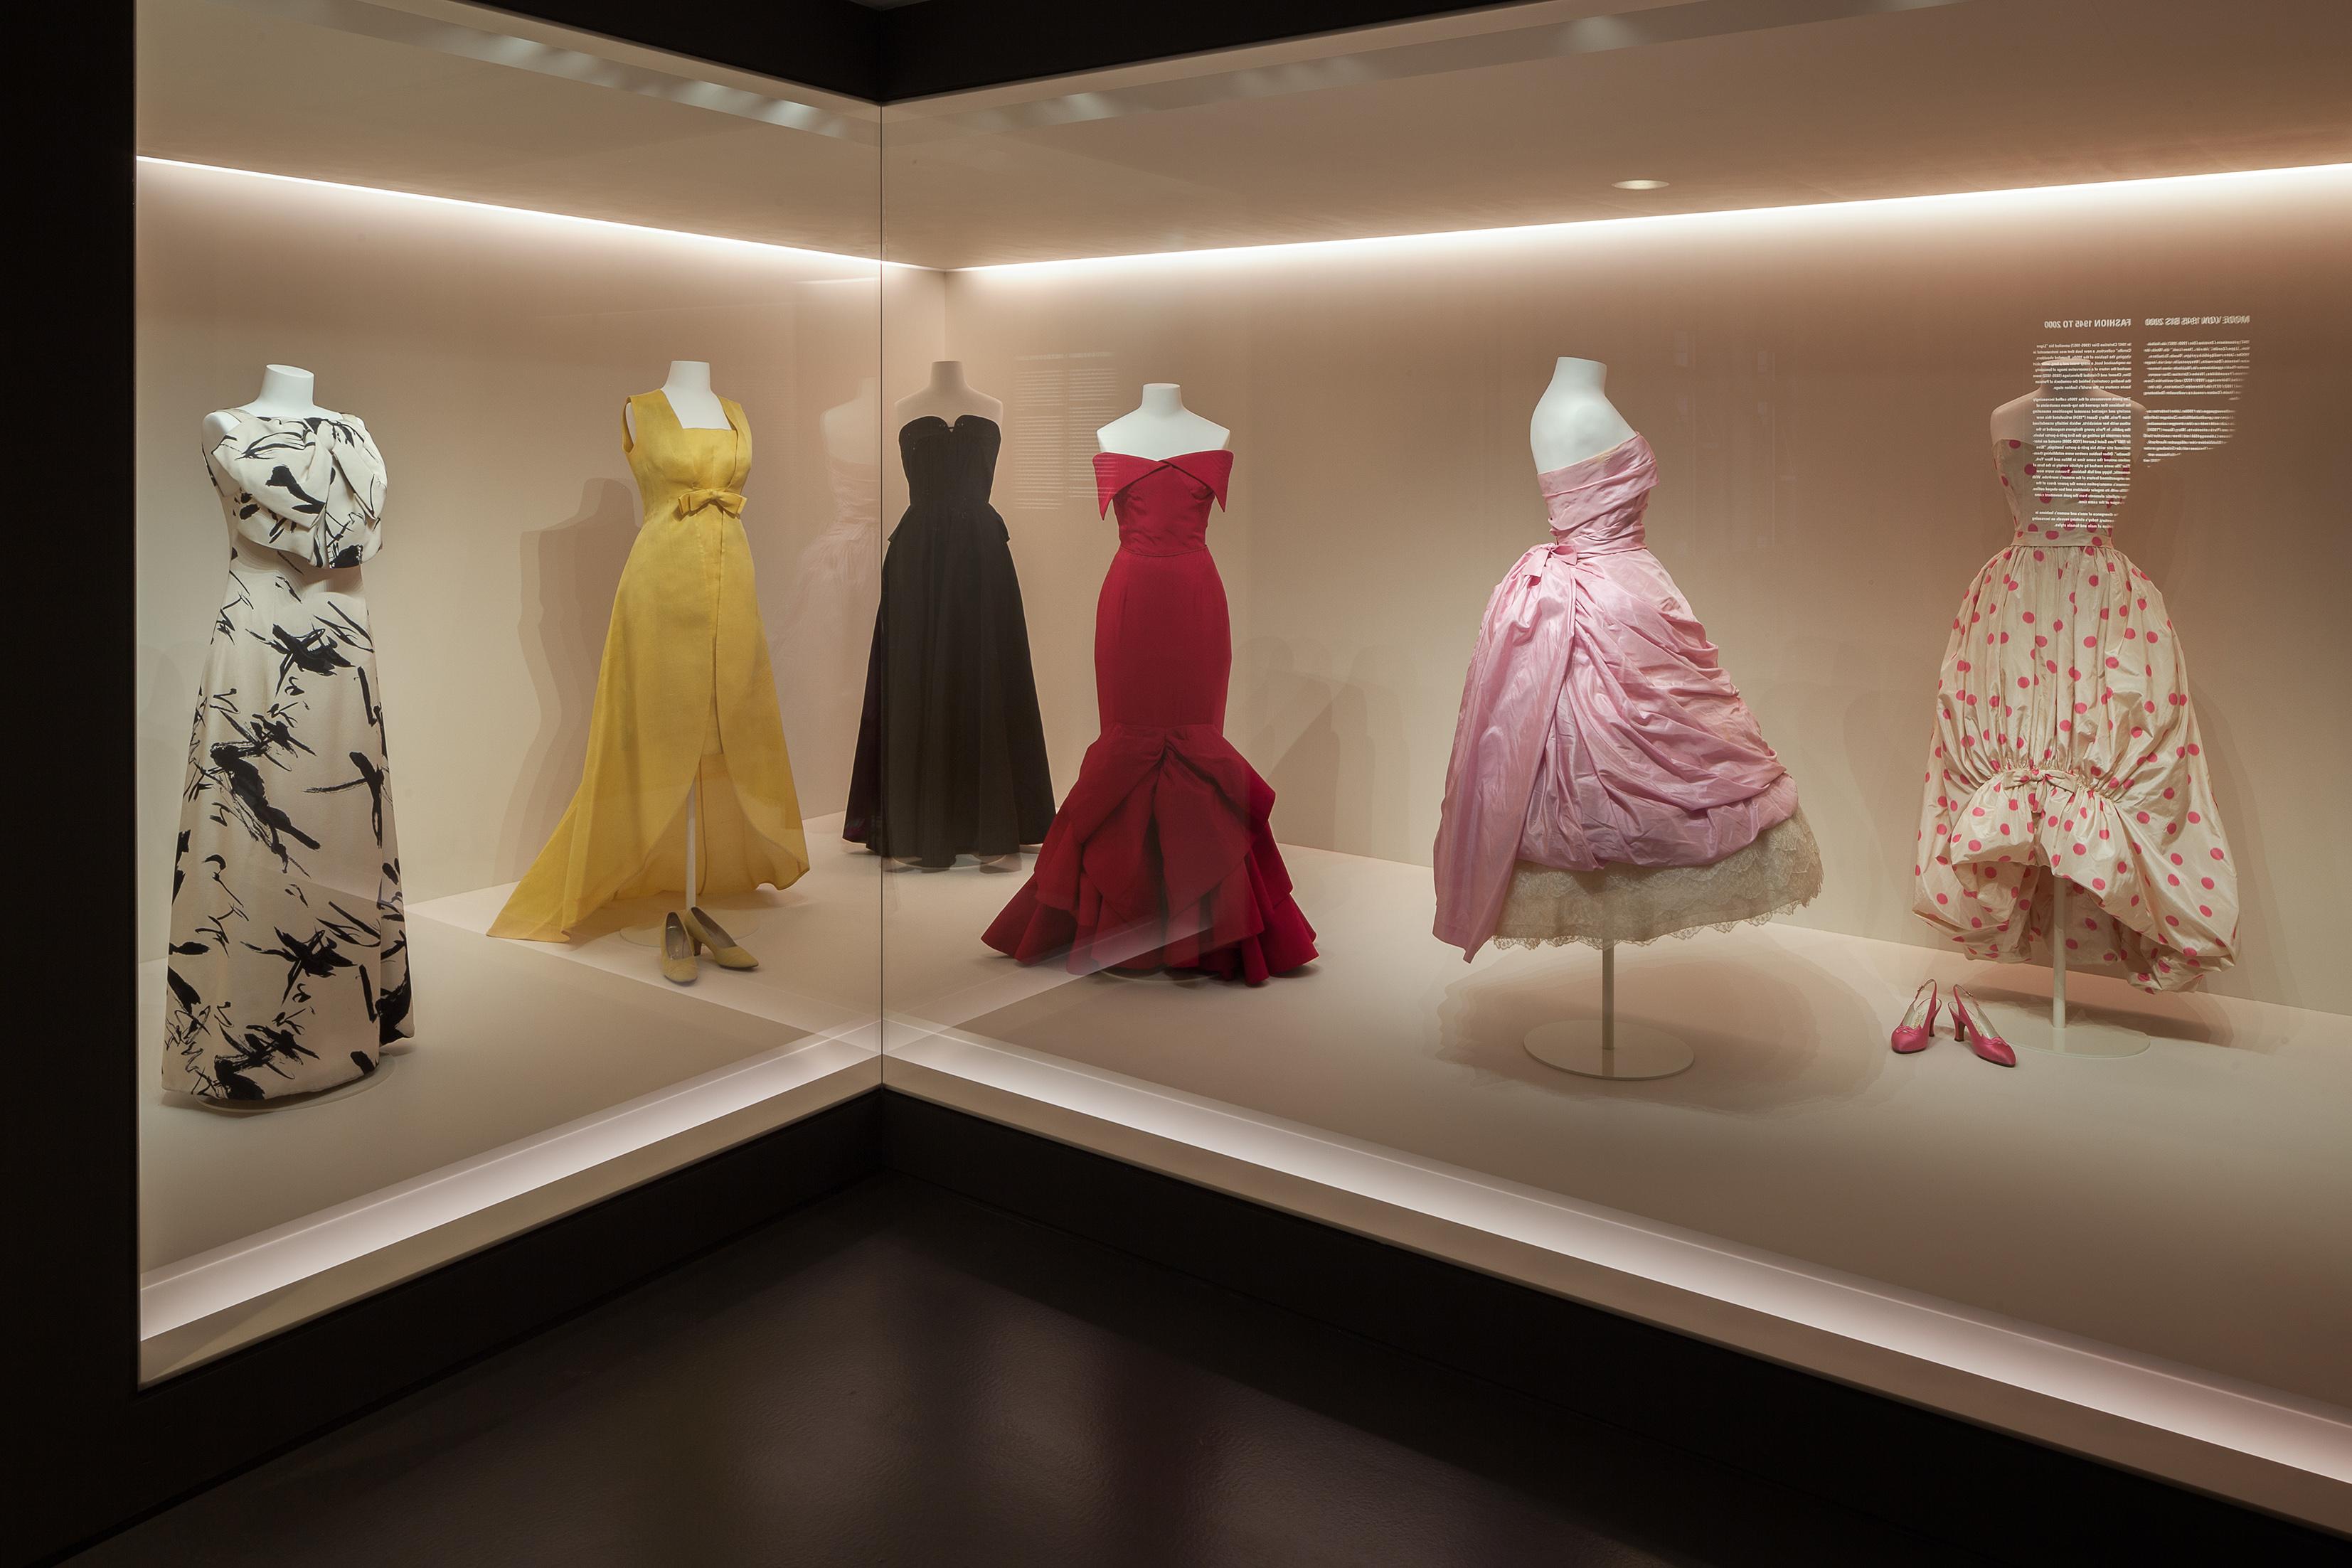 Kulturtipp für Berlin: Wiedereröffnung des Kunstgewerbemuseums mit großer Modegalerie